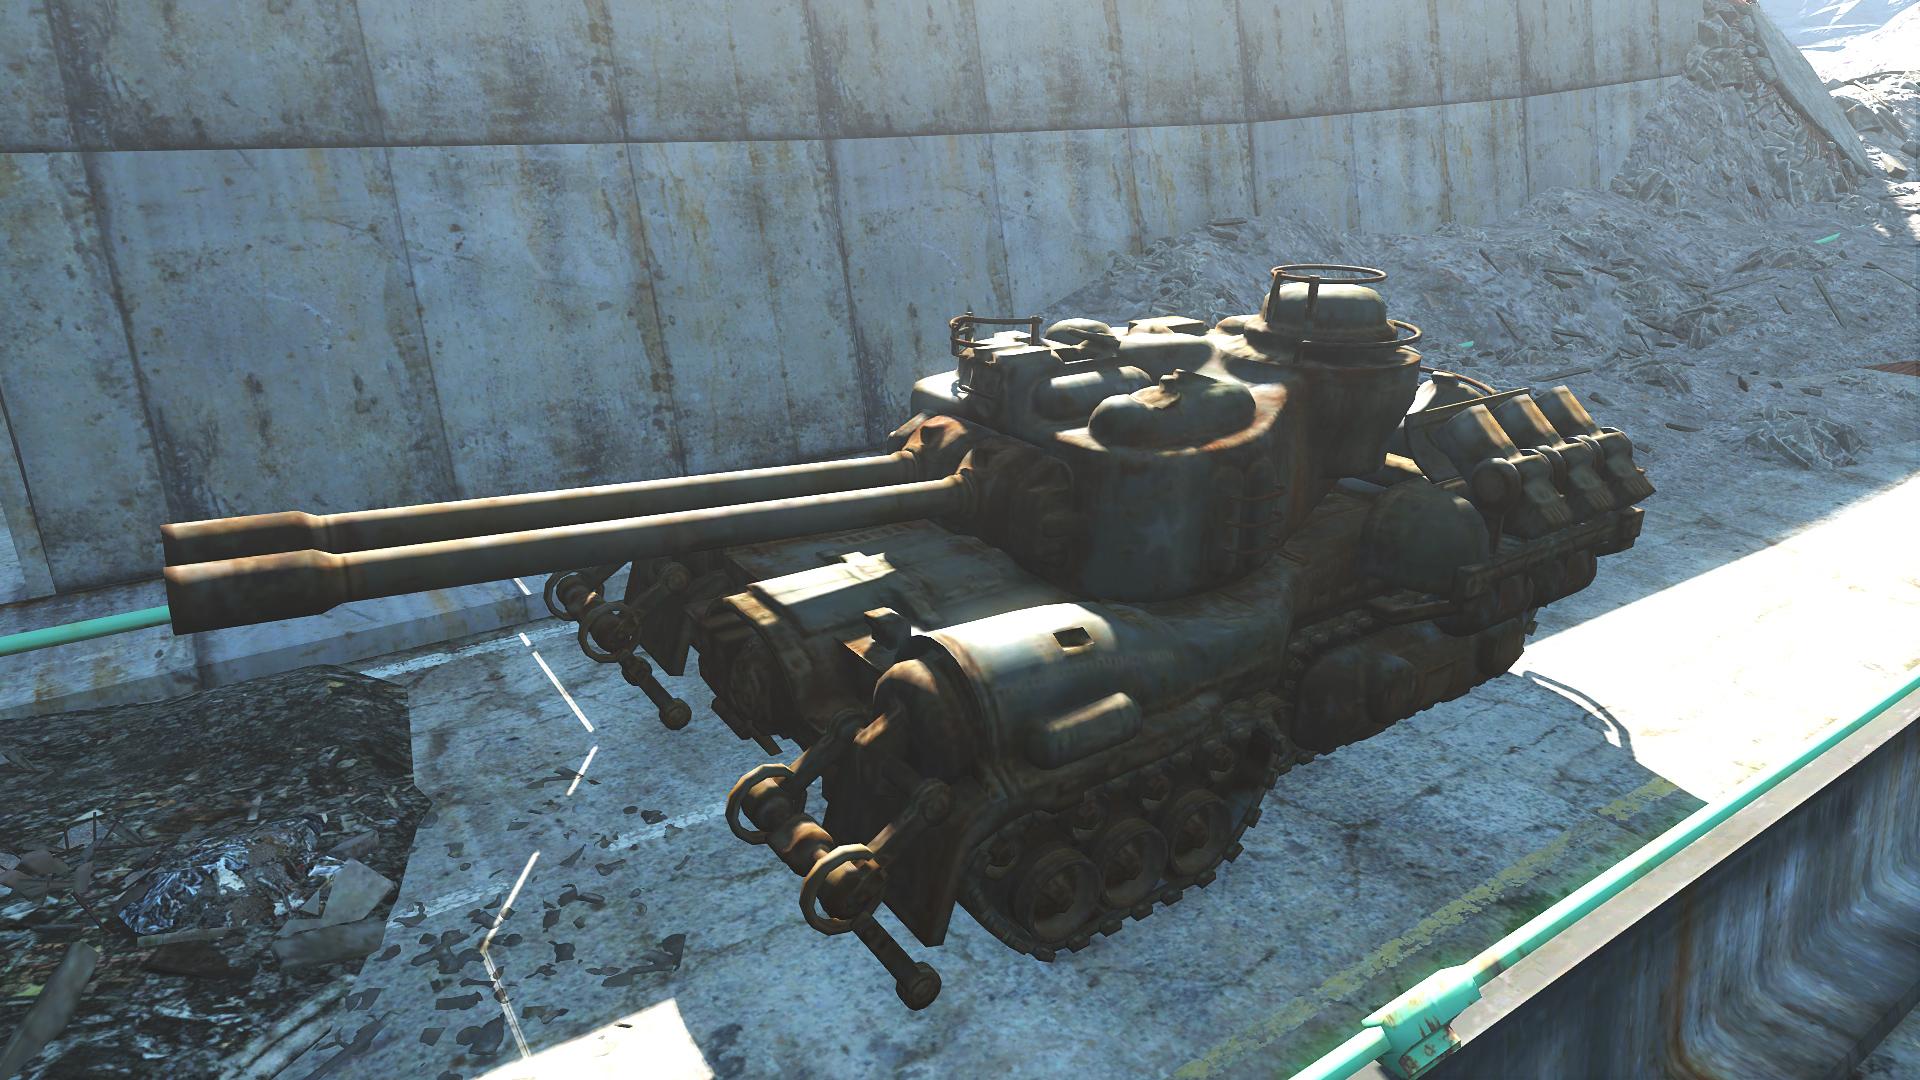 FO4 Freeway Pileup (Tank)